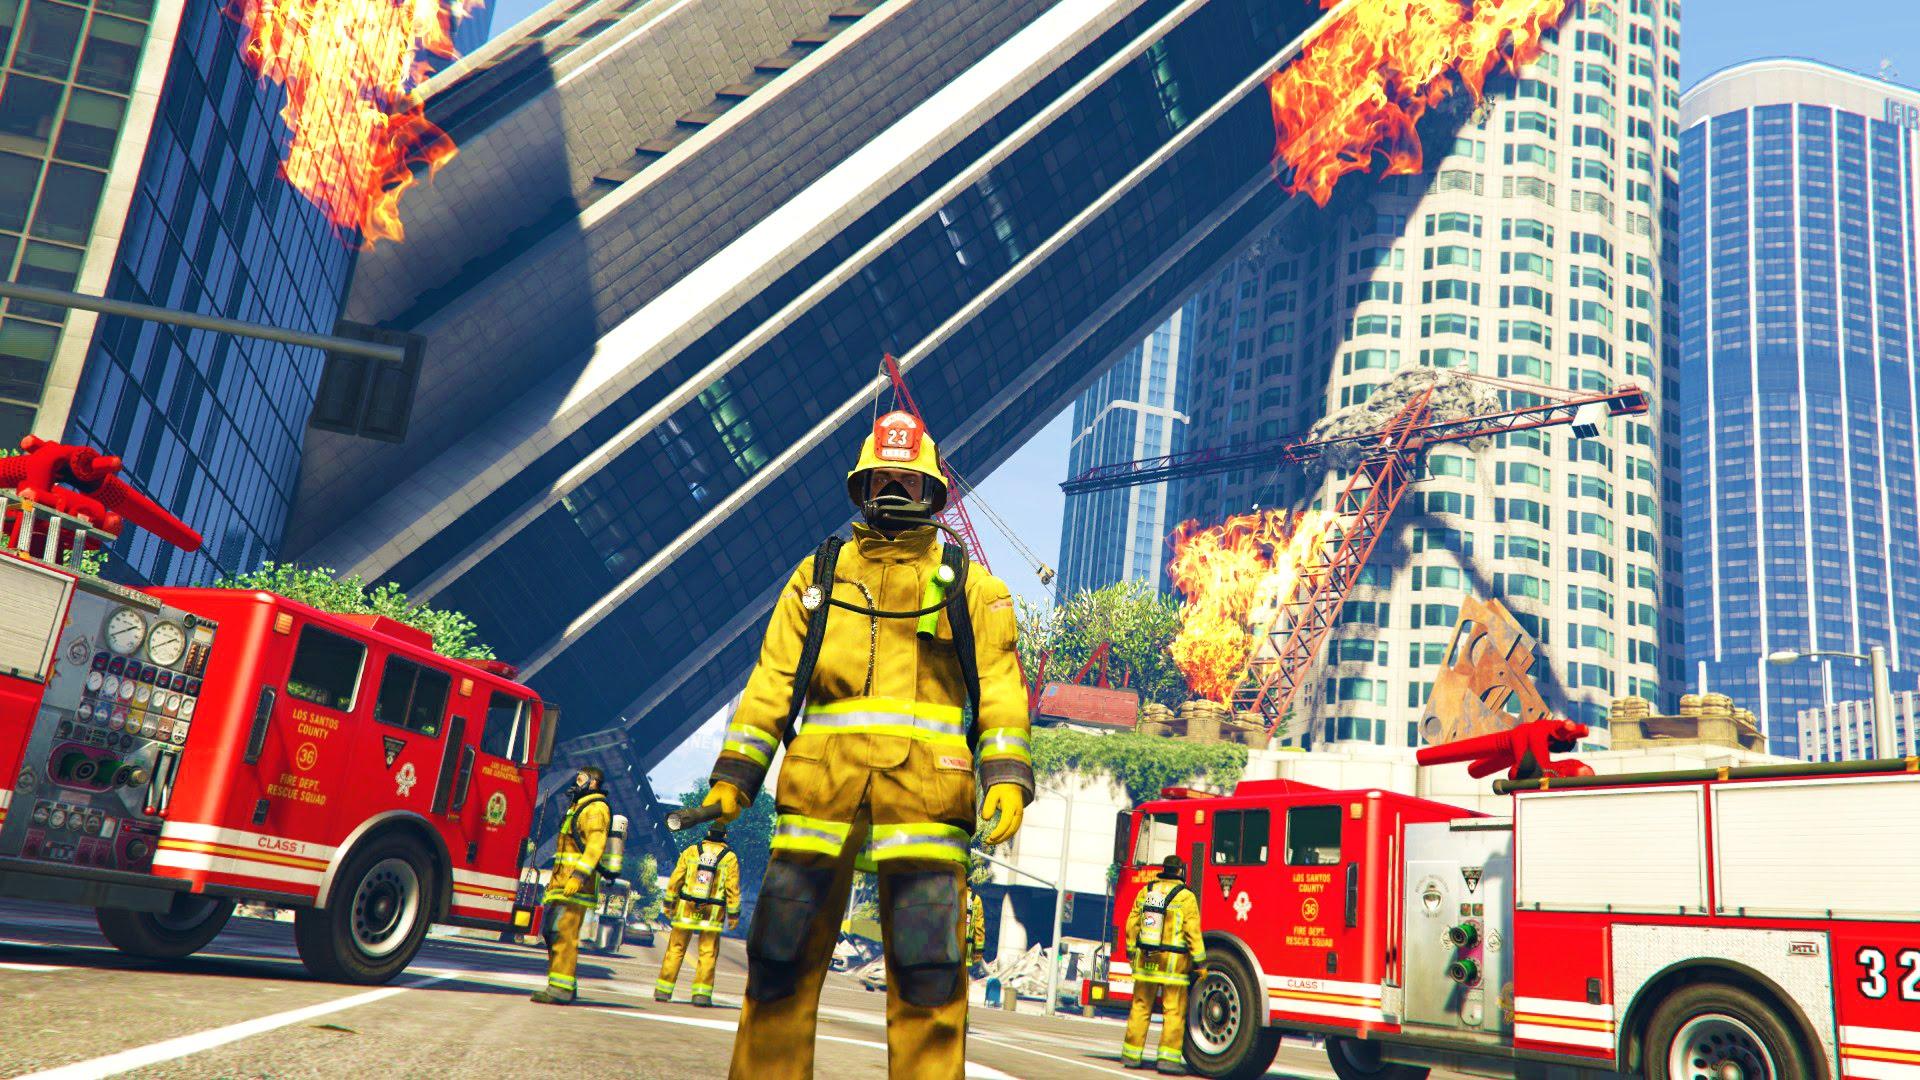 GTA 5 Mods - PLAY AS A FIREFIGHTER MOD!! GTA 5 Firefighter Patrol Mod! (GTA  5 Mods Gameplay)